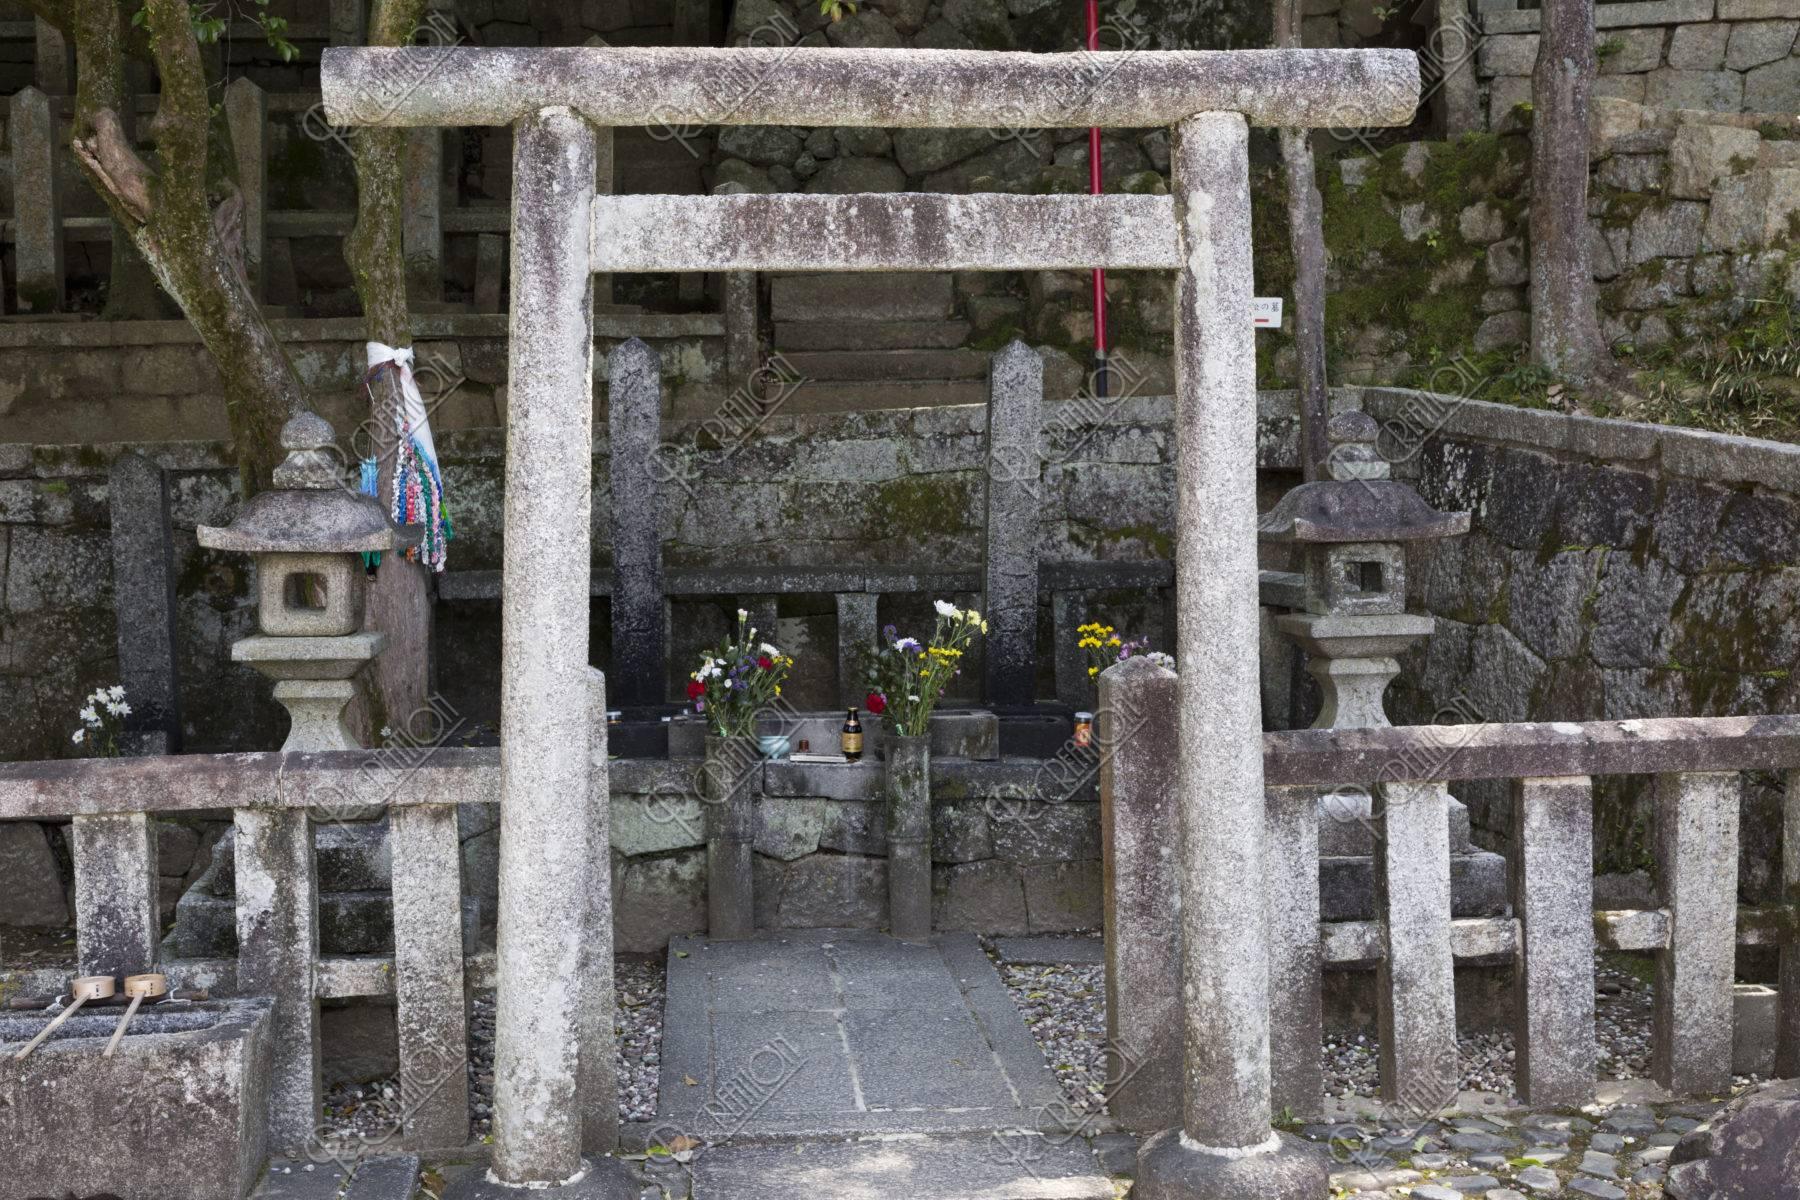 坂本龍馬と中岡慎太郎の墓